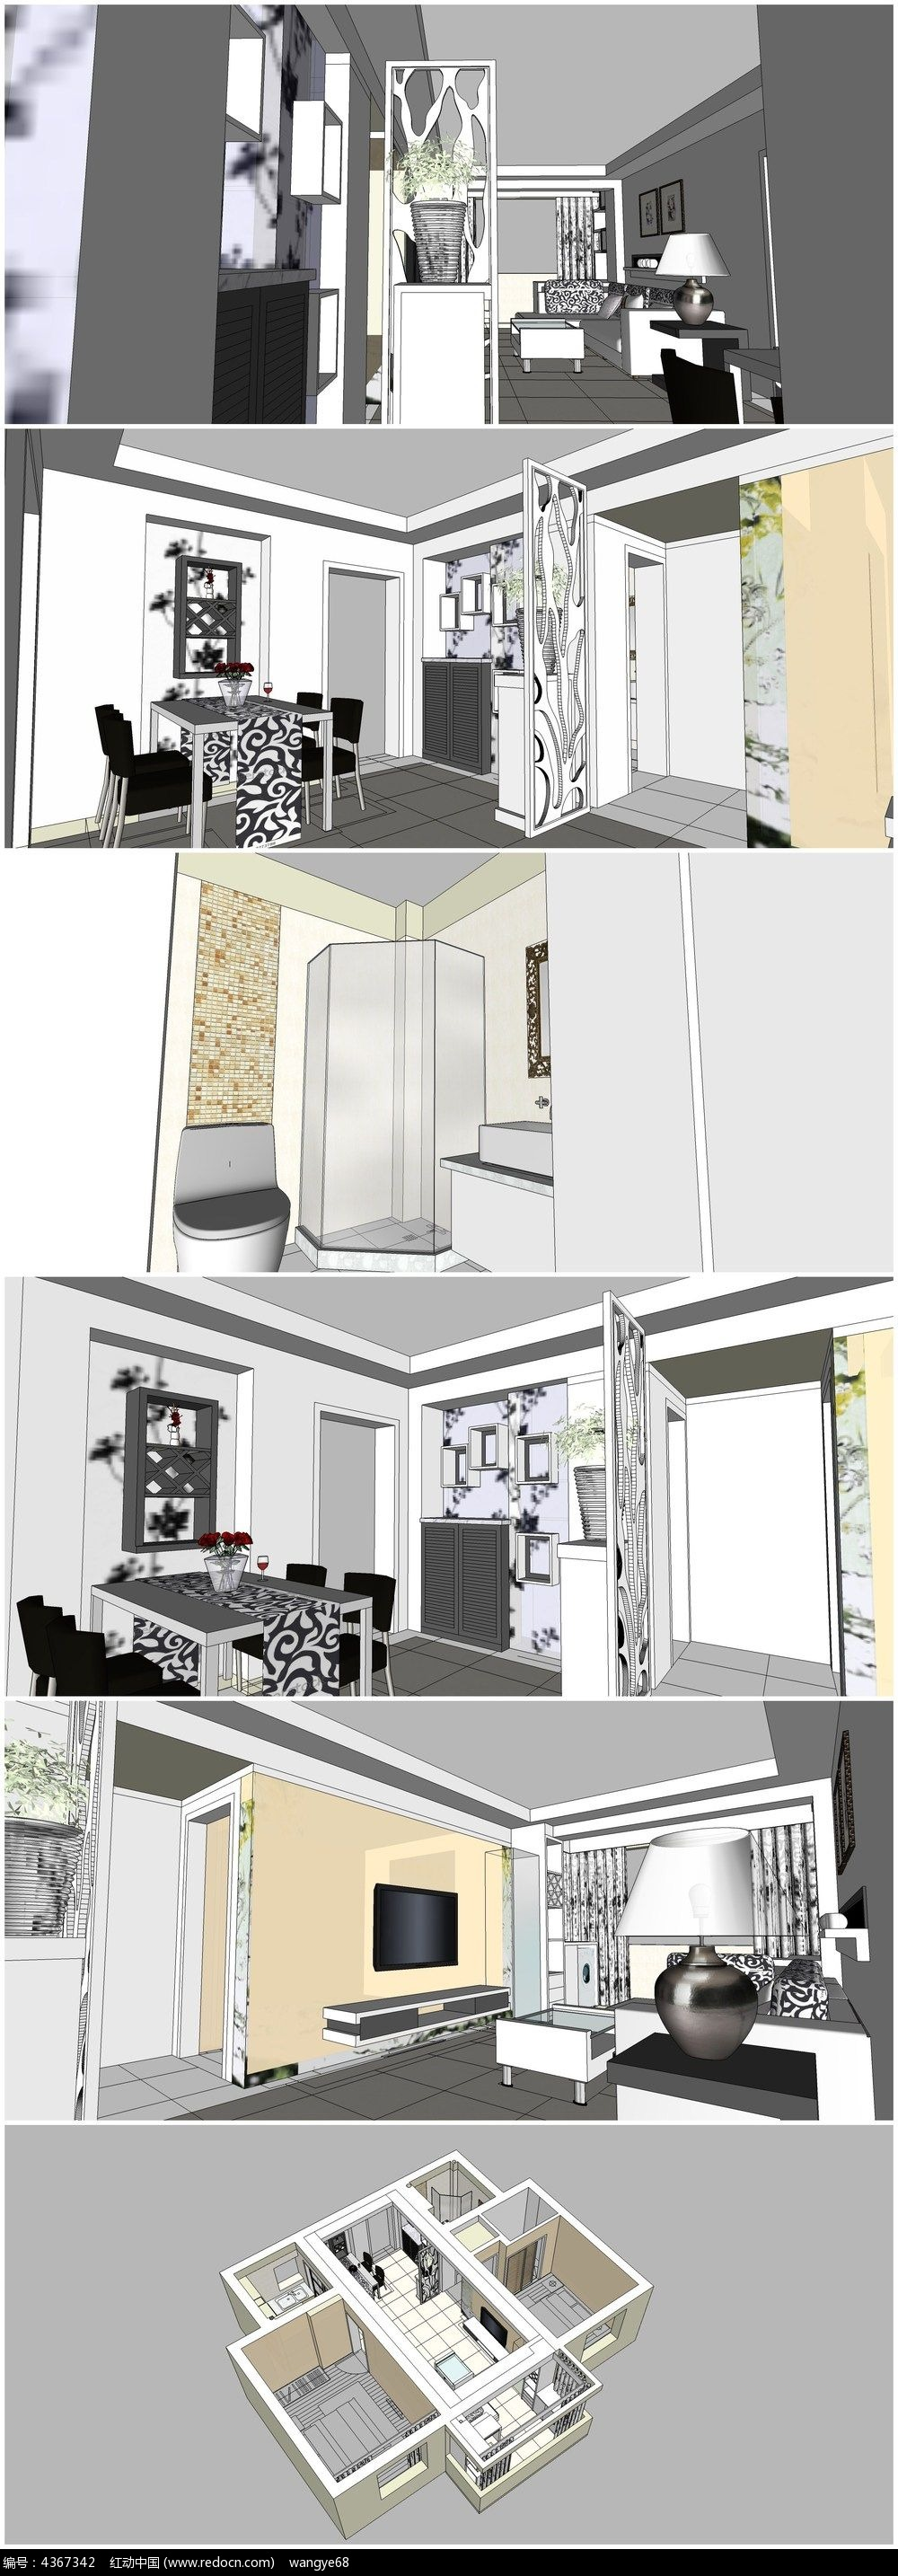 标签:sketchup模型 SU模型 草图大师 建筑设计 厨房设计 餐厅设计 小空间室内设计 室内餐厅装潢设计 餐桌 厨房整体布局SU模型 3d模型下载